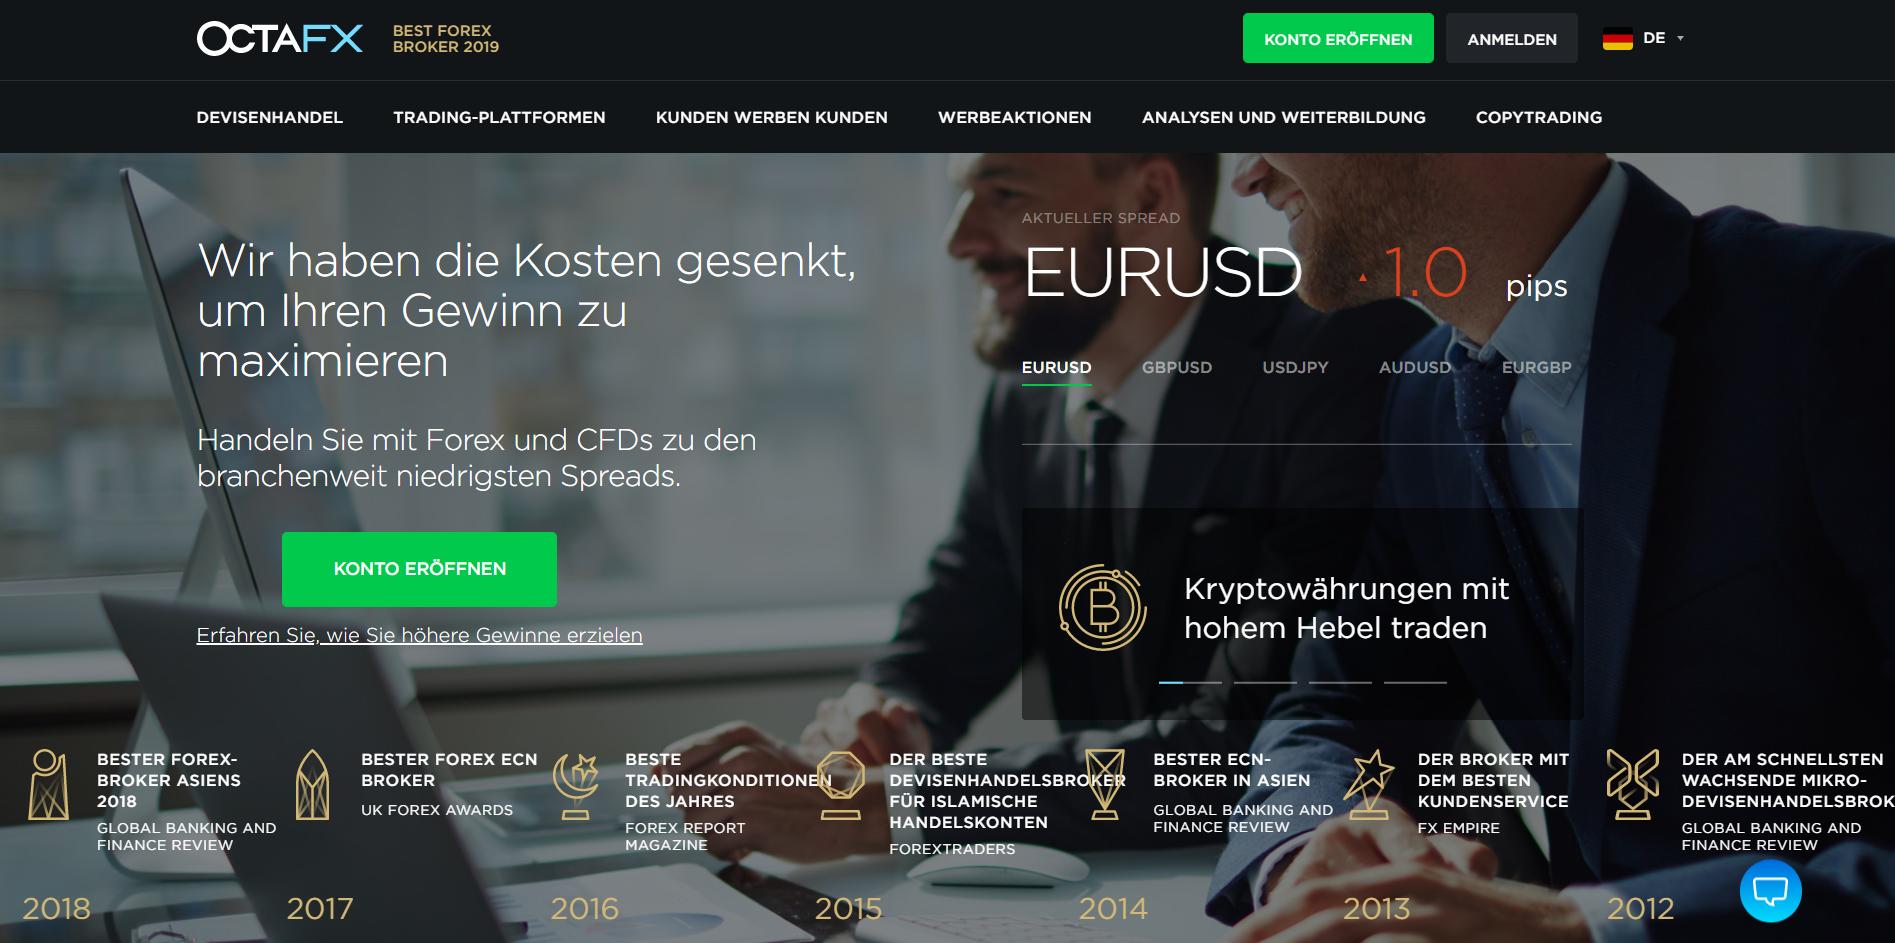 Das ist die Website von OctaFX